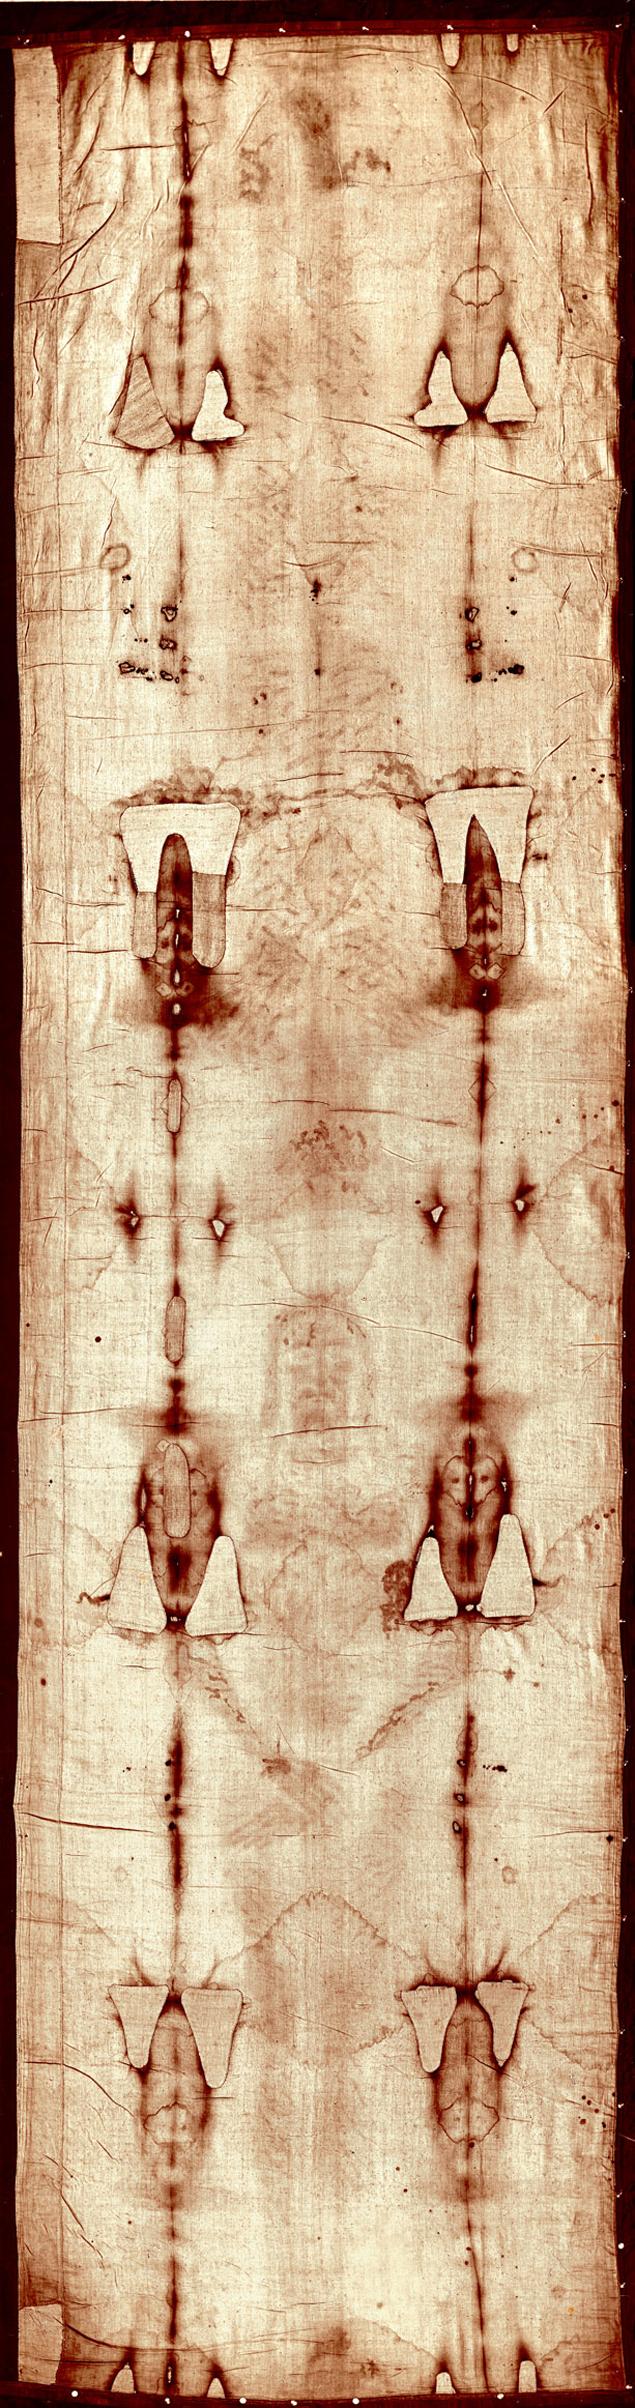 Два изображения получились потому, что на одной части плащаницы Иисус лежал, а другой был прикрыт - через голову